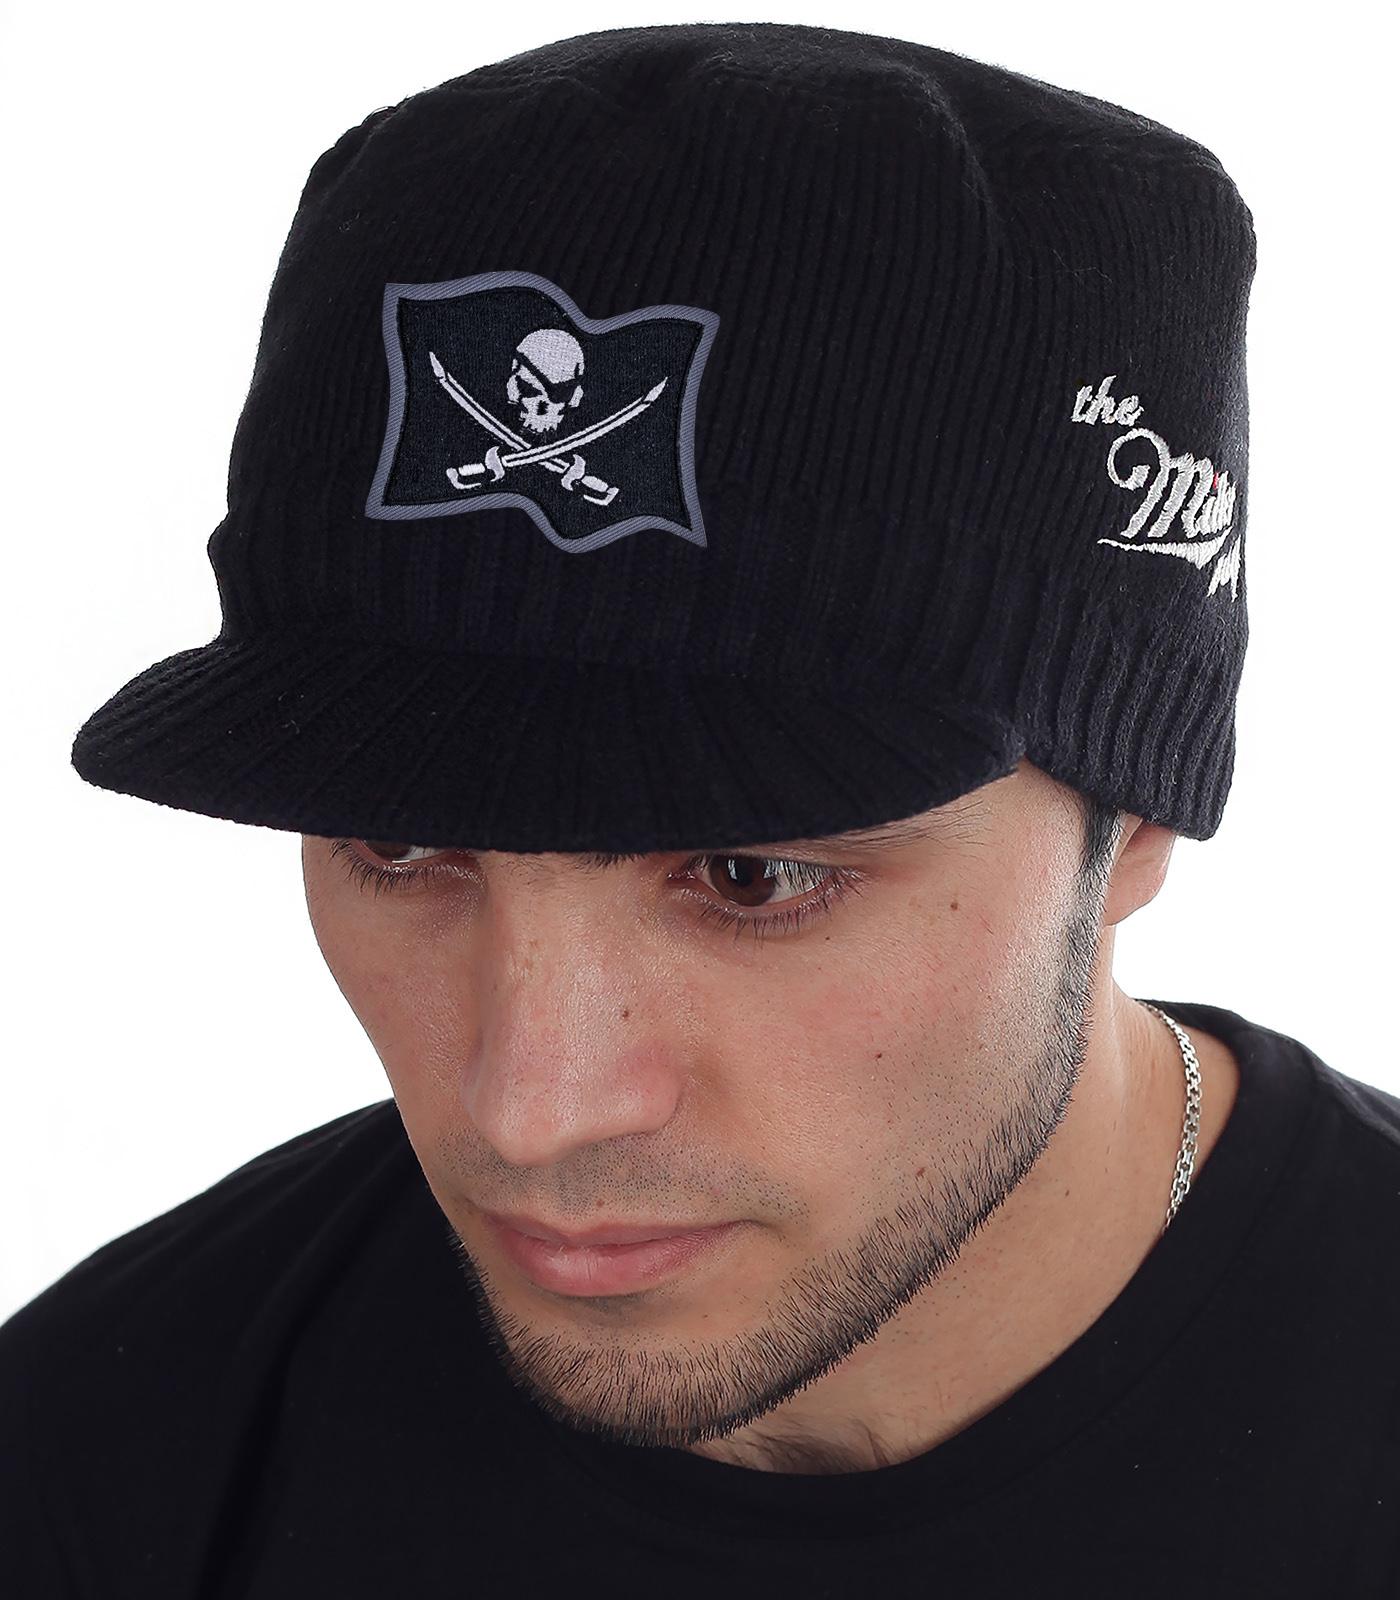 АВТОРСКАЯ НОВИНКА! Мужская теплая шапка Miller Way с нашивкой в виде пиратского флага. Спортивно-классический фасон, который идеально вписывается в городскую моду